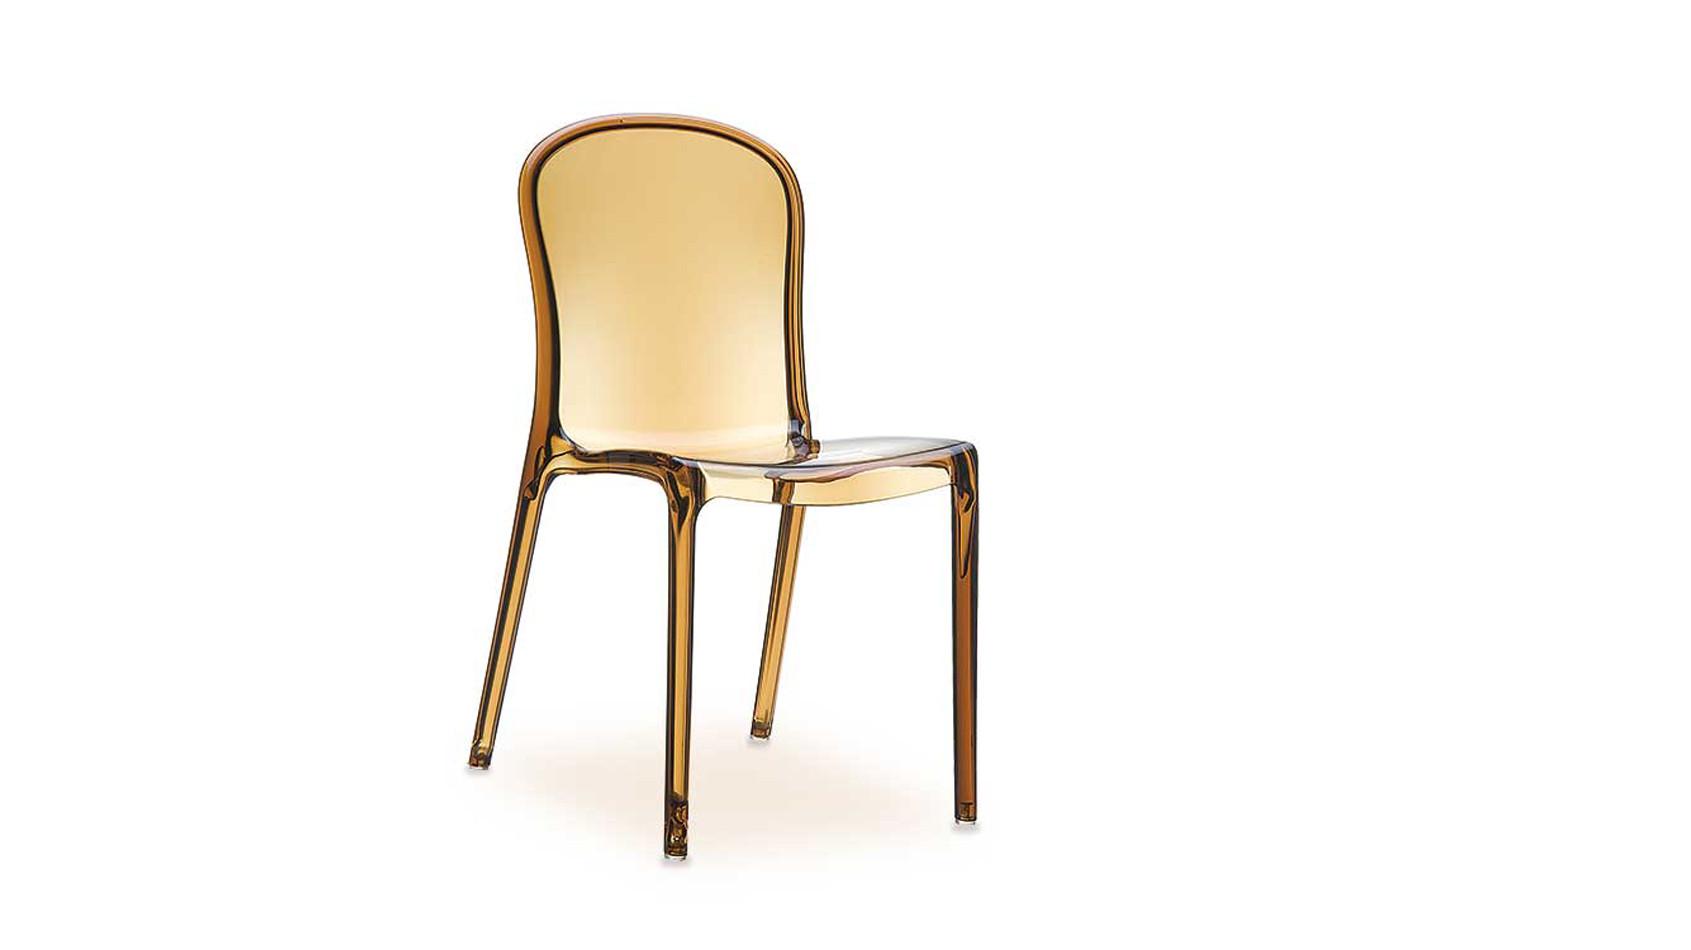 Victoria Acryl Stuhl, gefertigt aus hochfestem unempfindlichem Polycarbonat